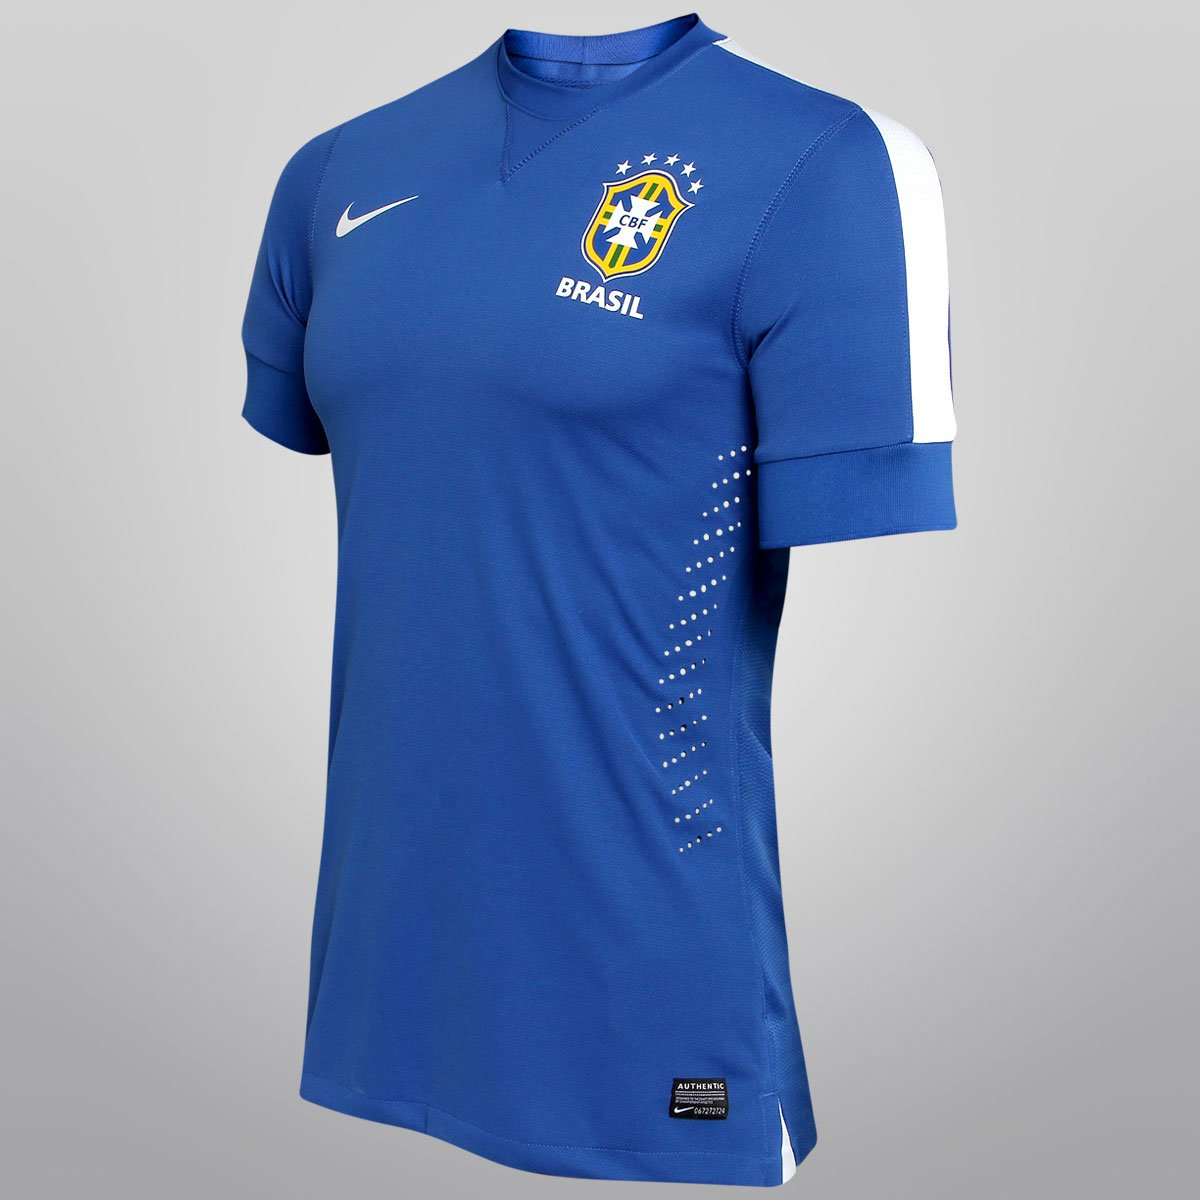 Camisa Nike Seleção Brasil II 2013 s nº - Jogador - Compre Agora ... ab93cfe77d344